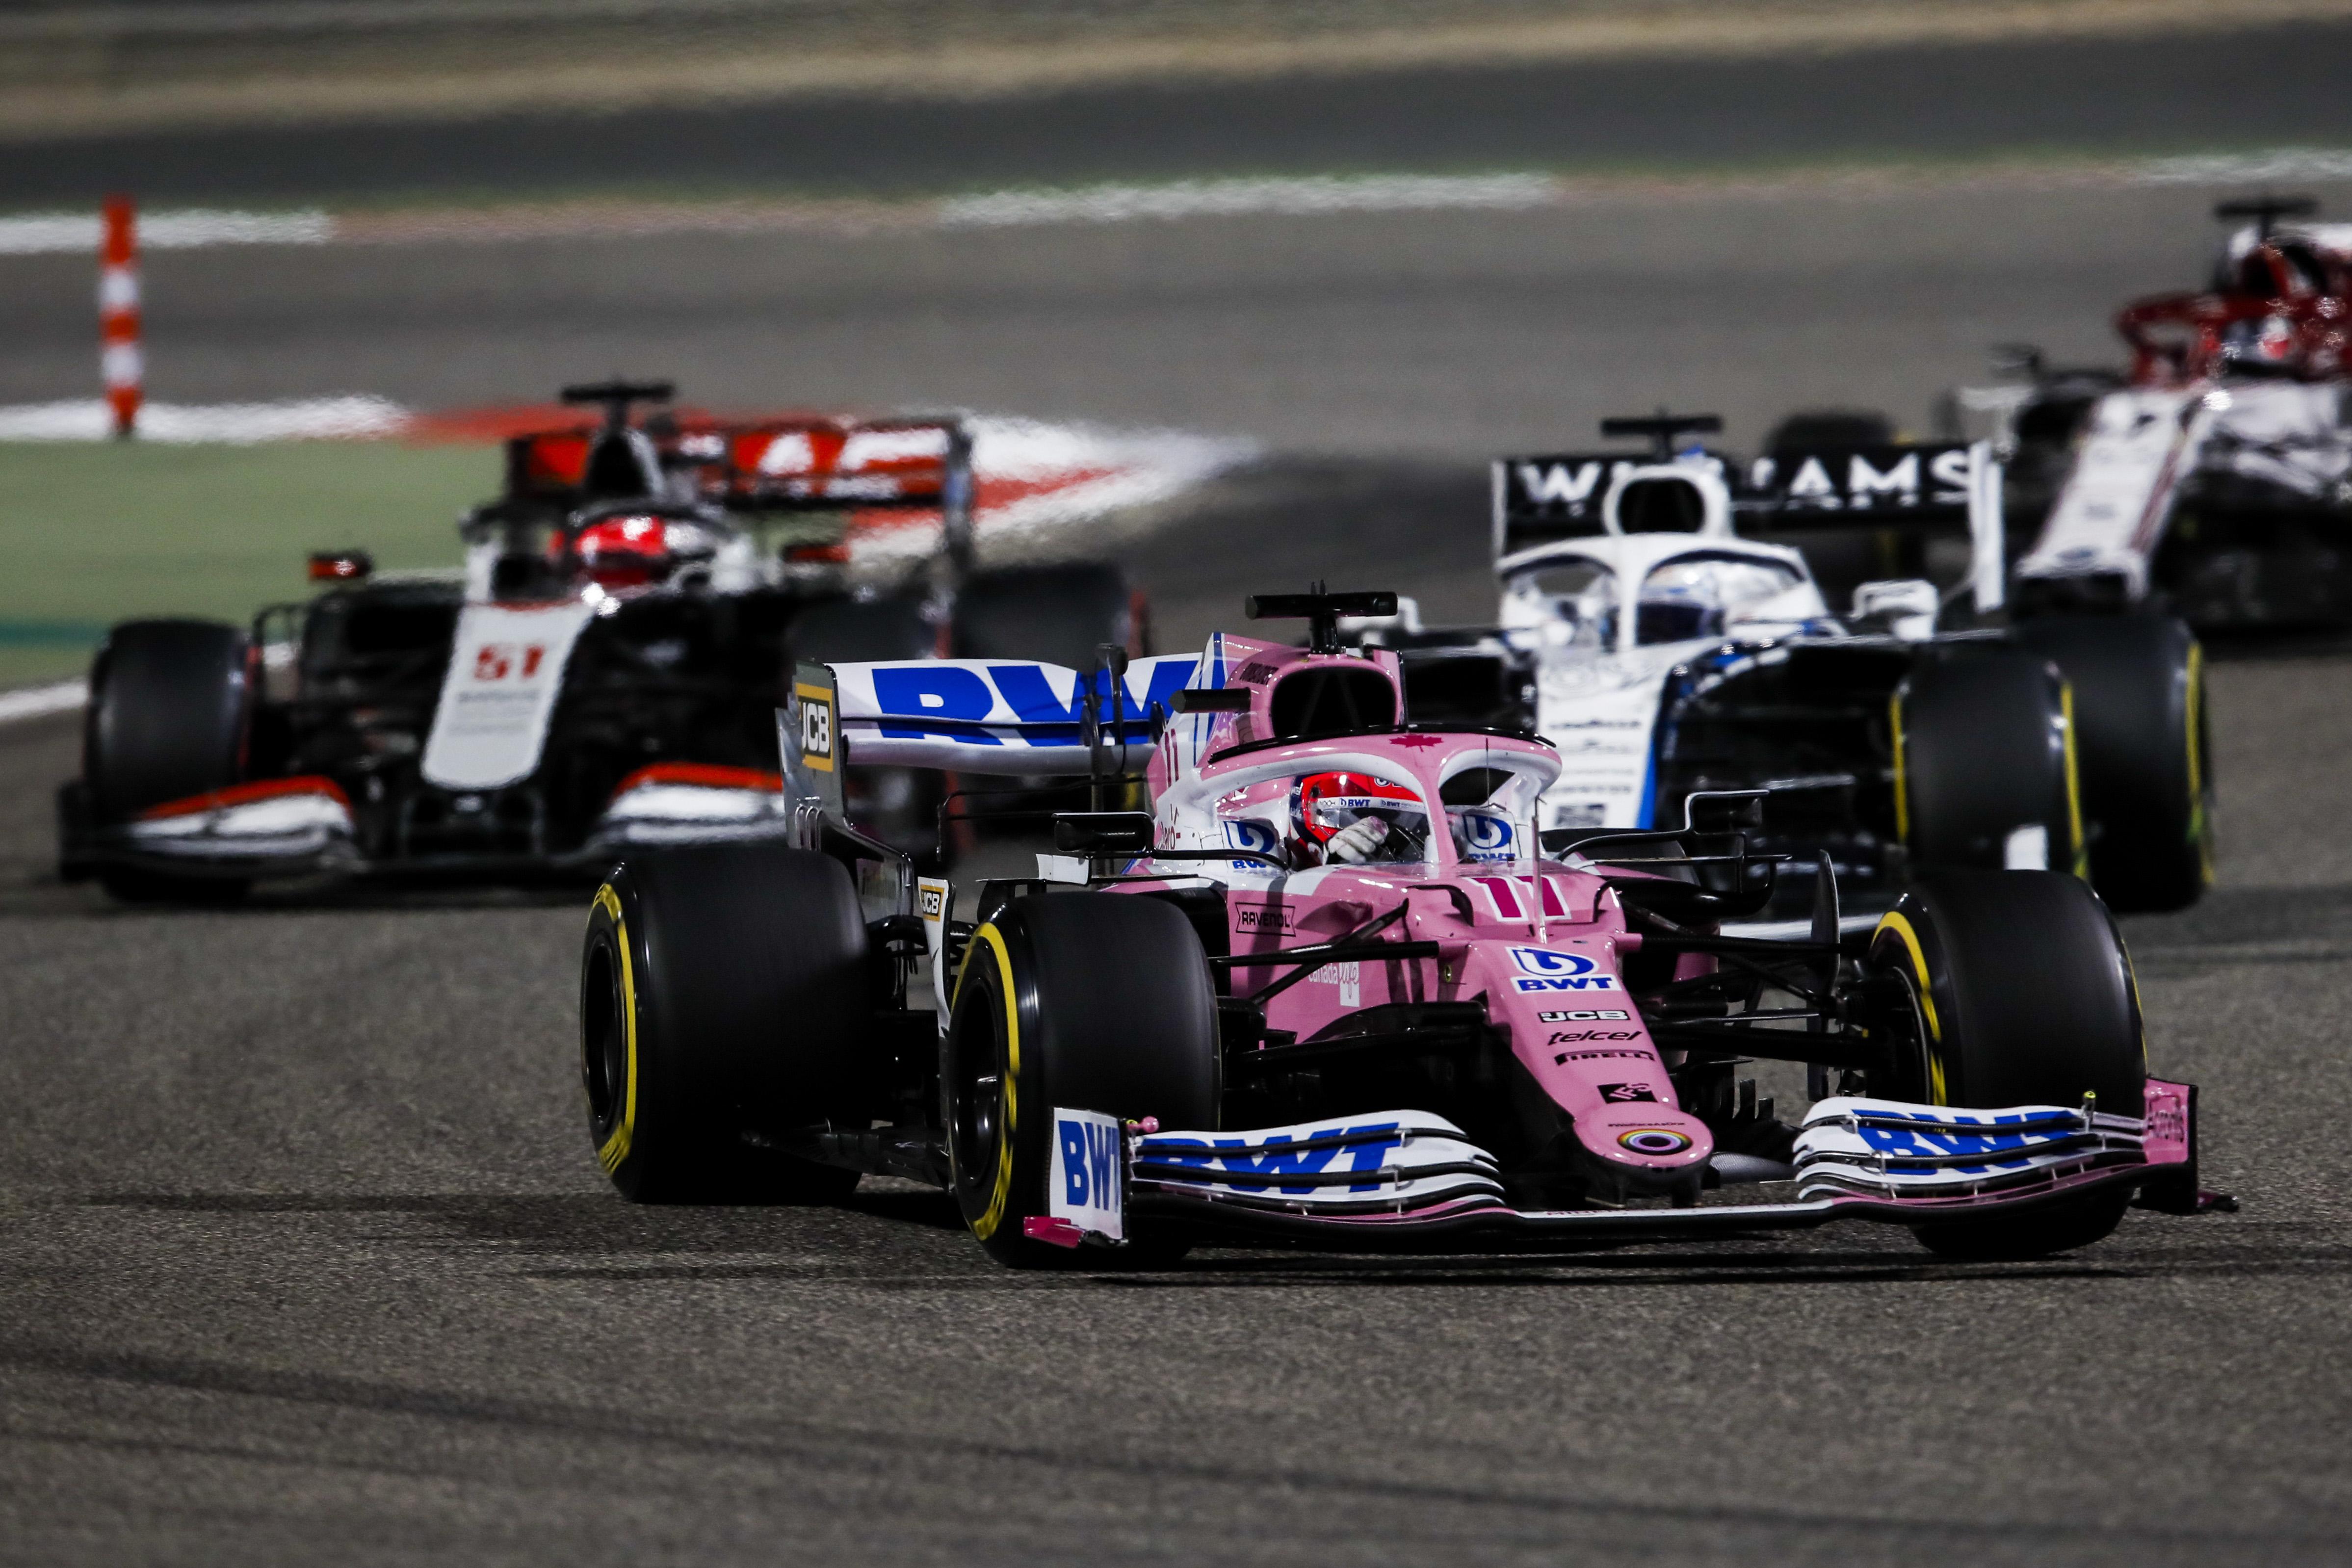 Mérlegen az F1-es mezőny: kik kerülnek hátrányba a tömegük miatt?   M4 Sport